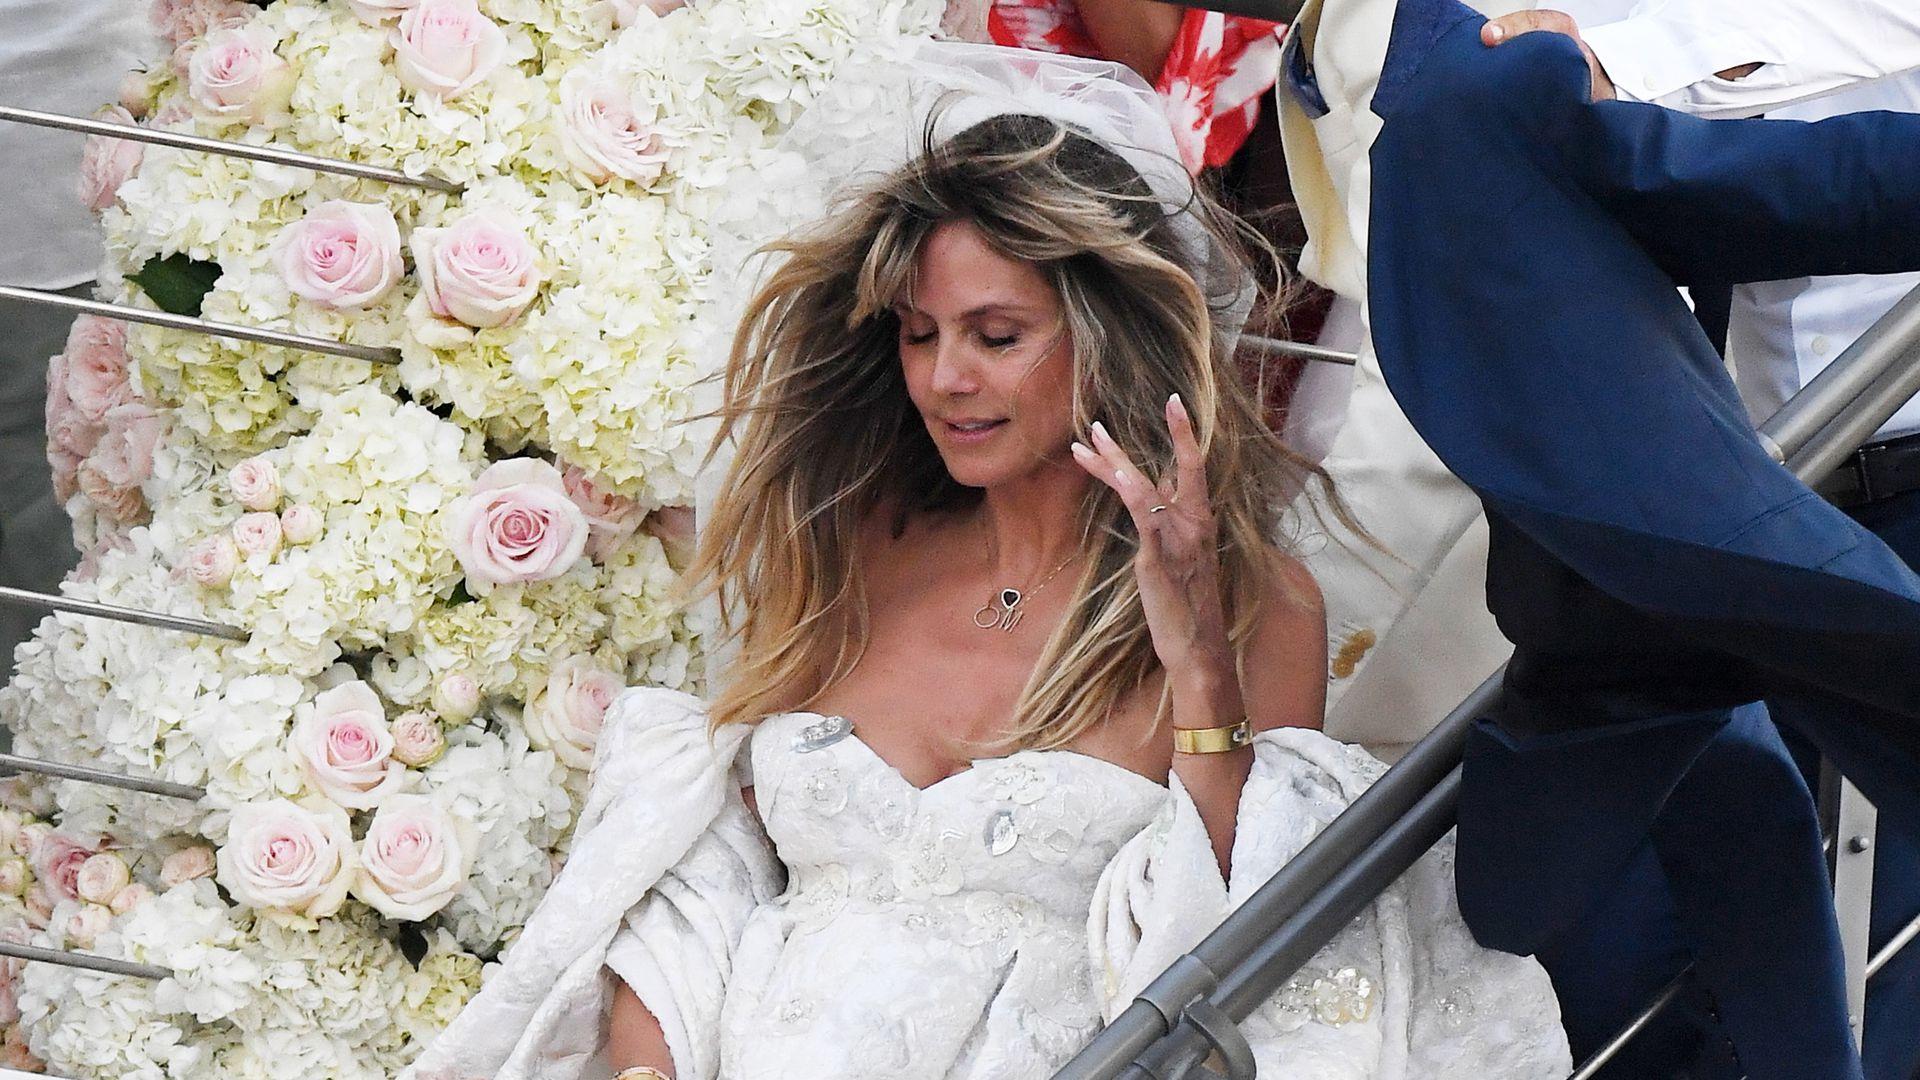 Traumhafte Wolken-Robe: Das ist Heidi Klums Brautkleid